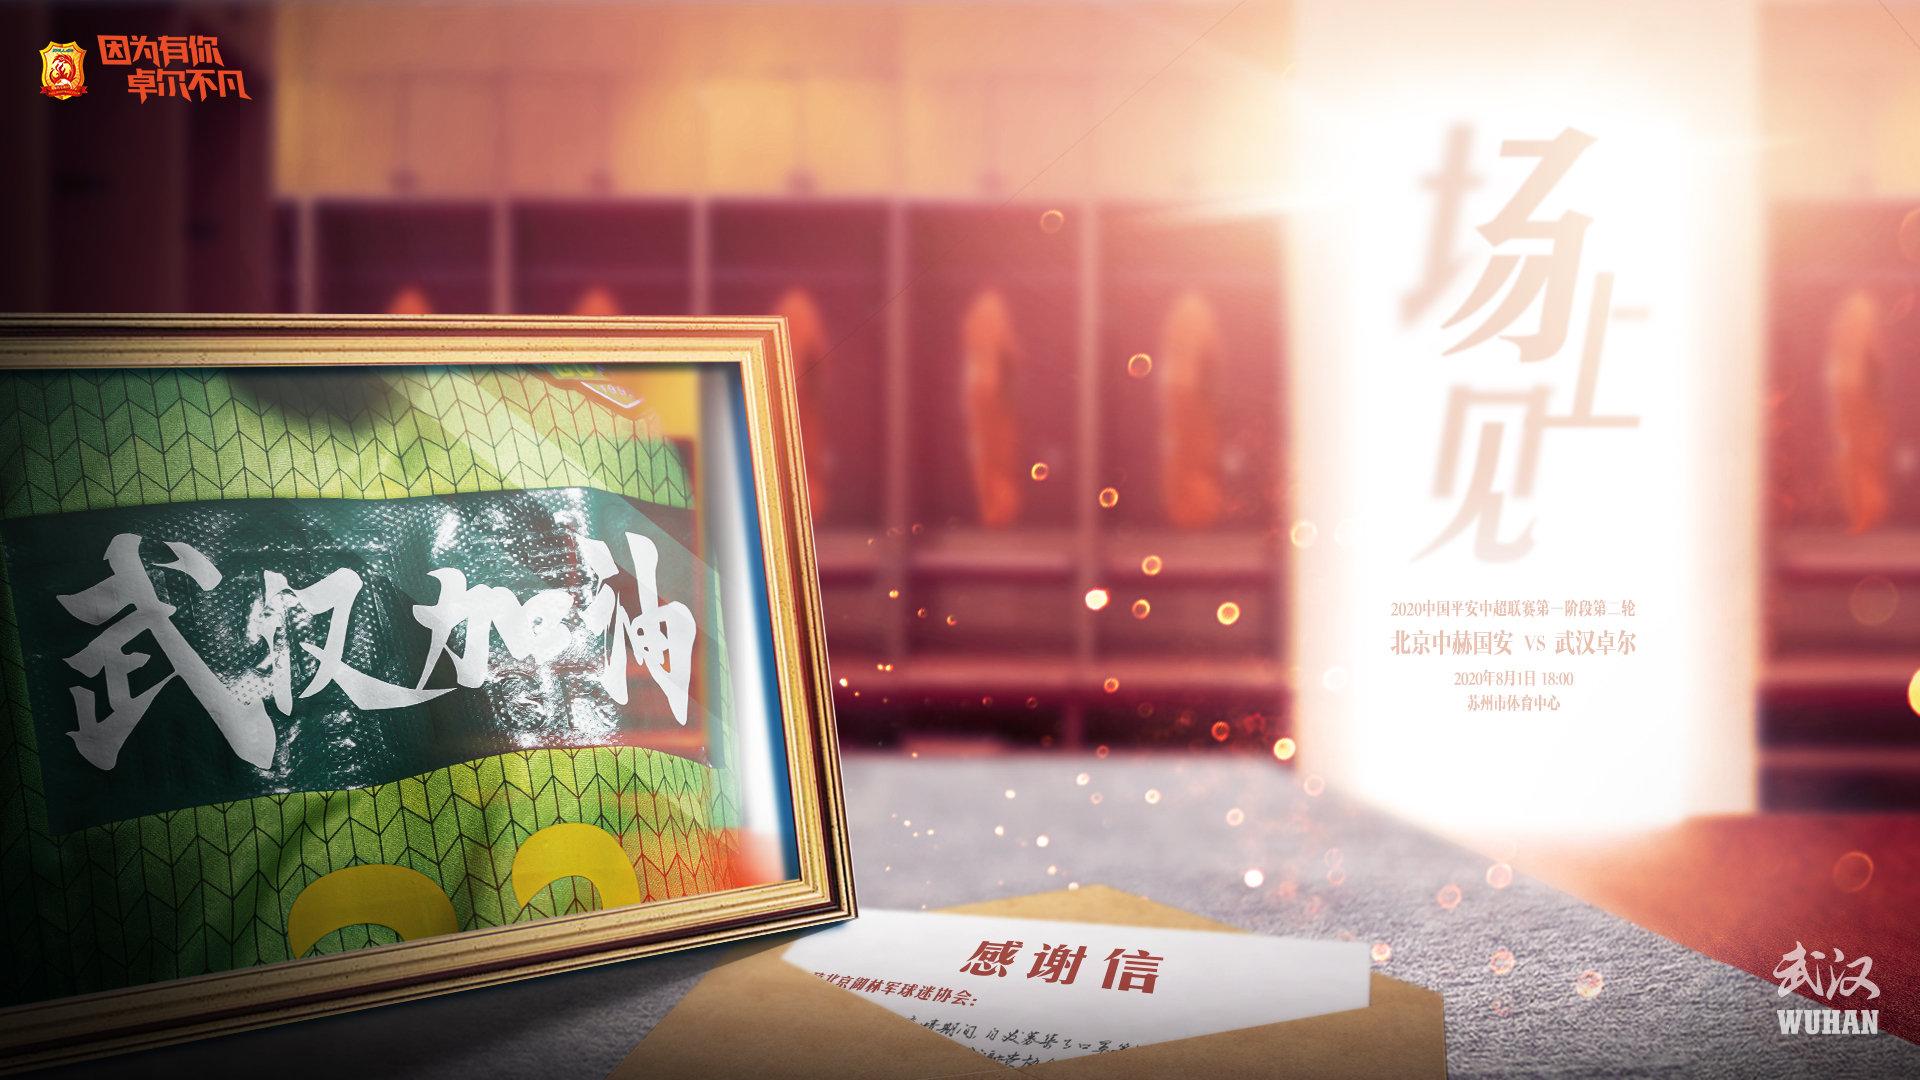 武汉卓尔发布对北京国安海报:场上见!